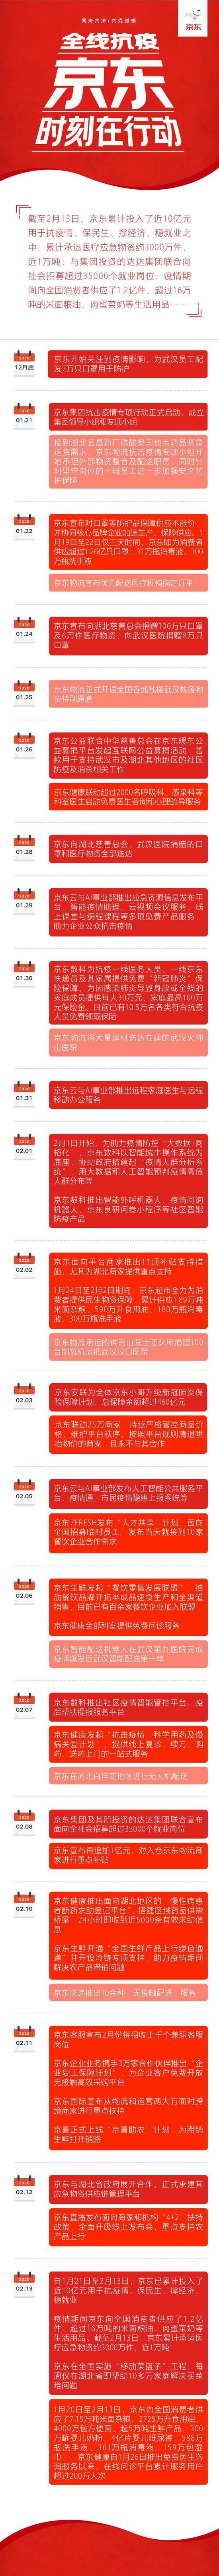 万人大厂怎样复工?上海的三大造船厂防疫生产两手抓